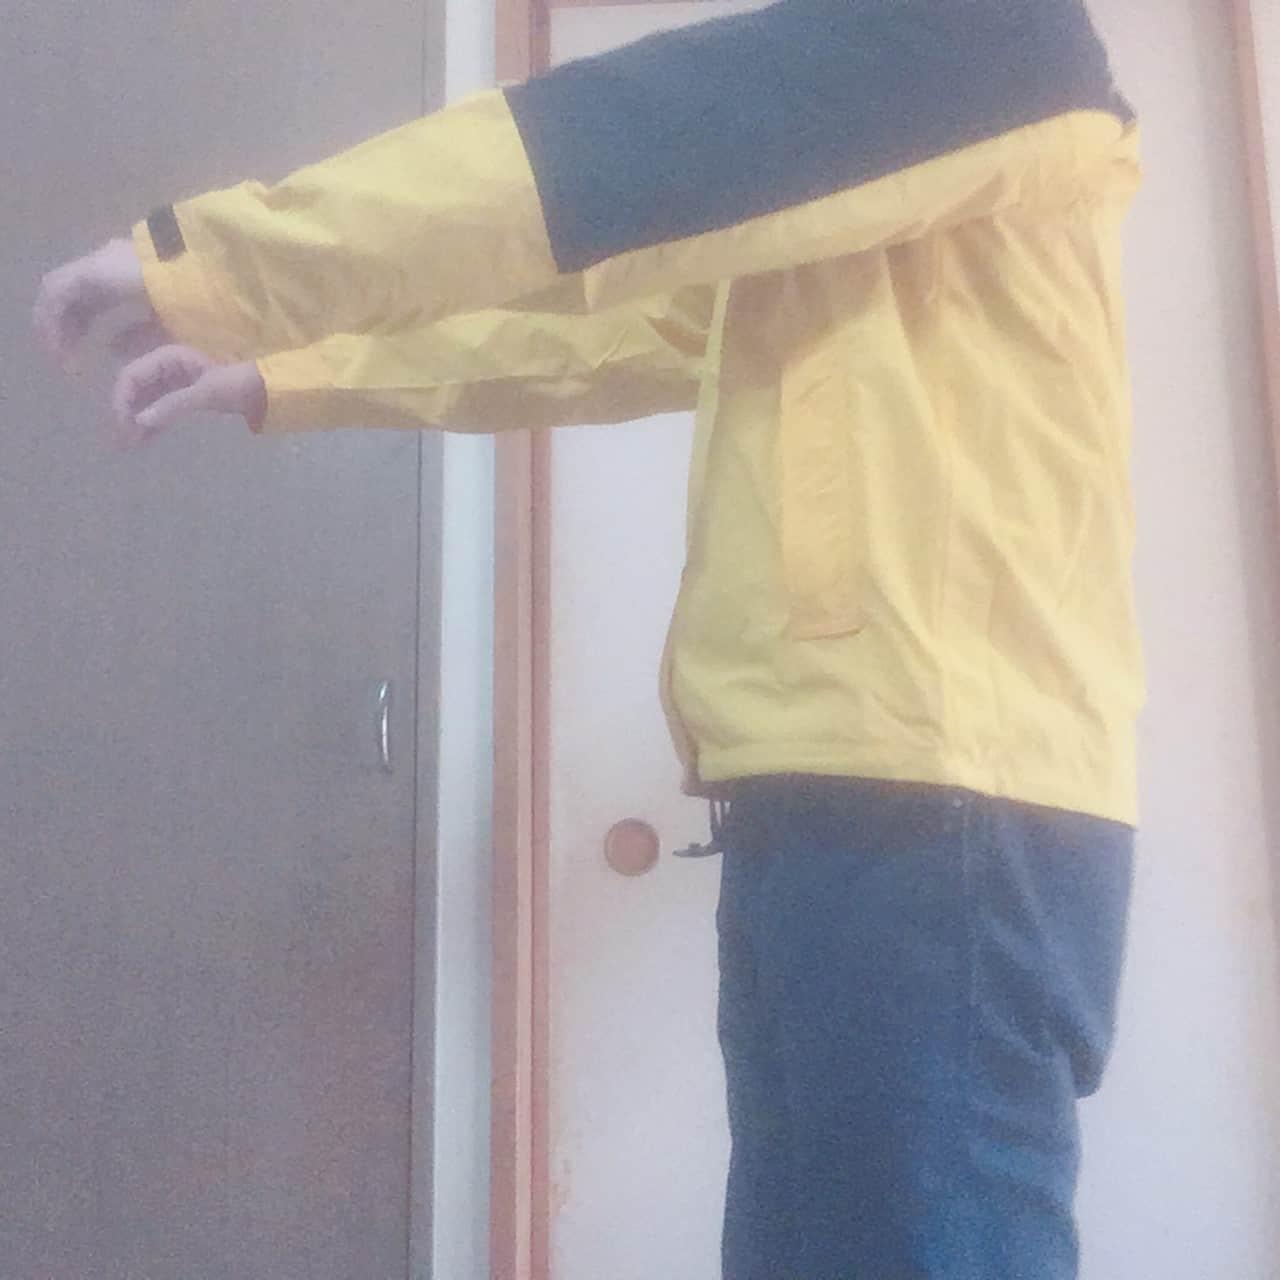 ノースフェイス ハイドレナウィンドジャケット 側面着用感